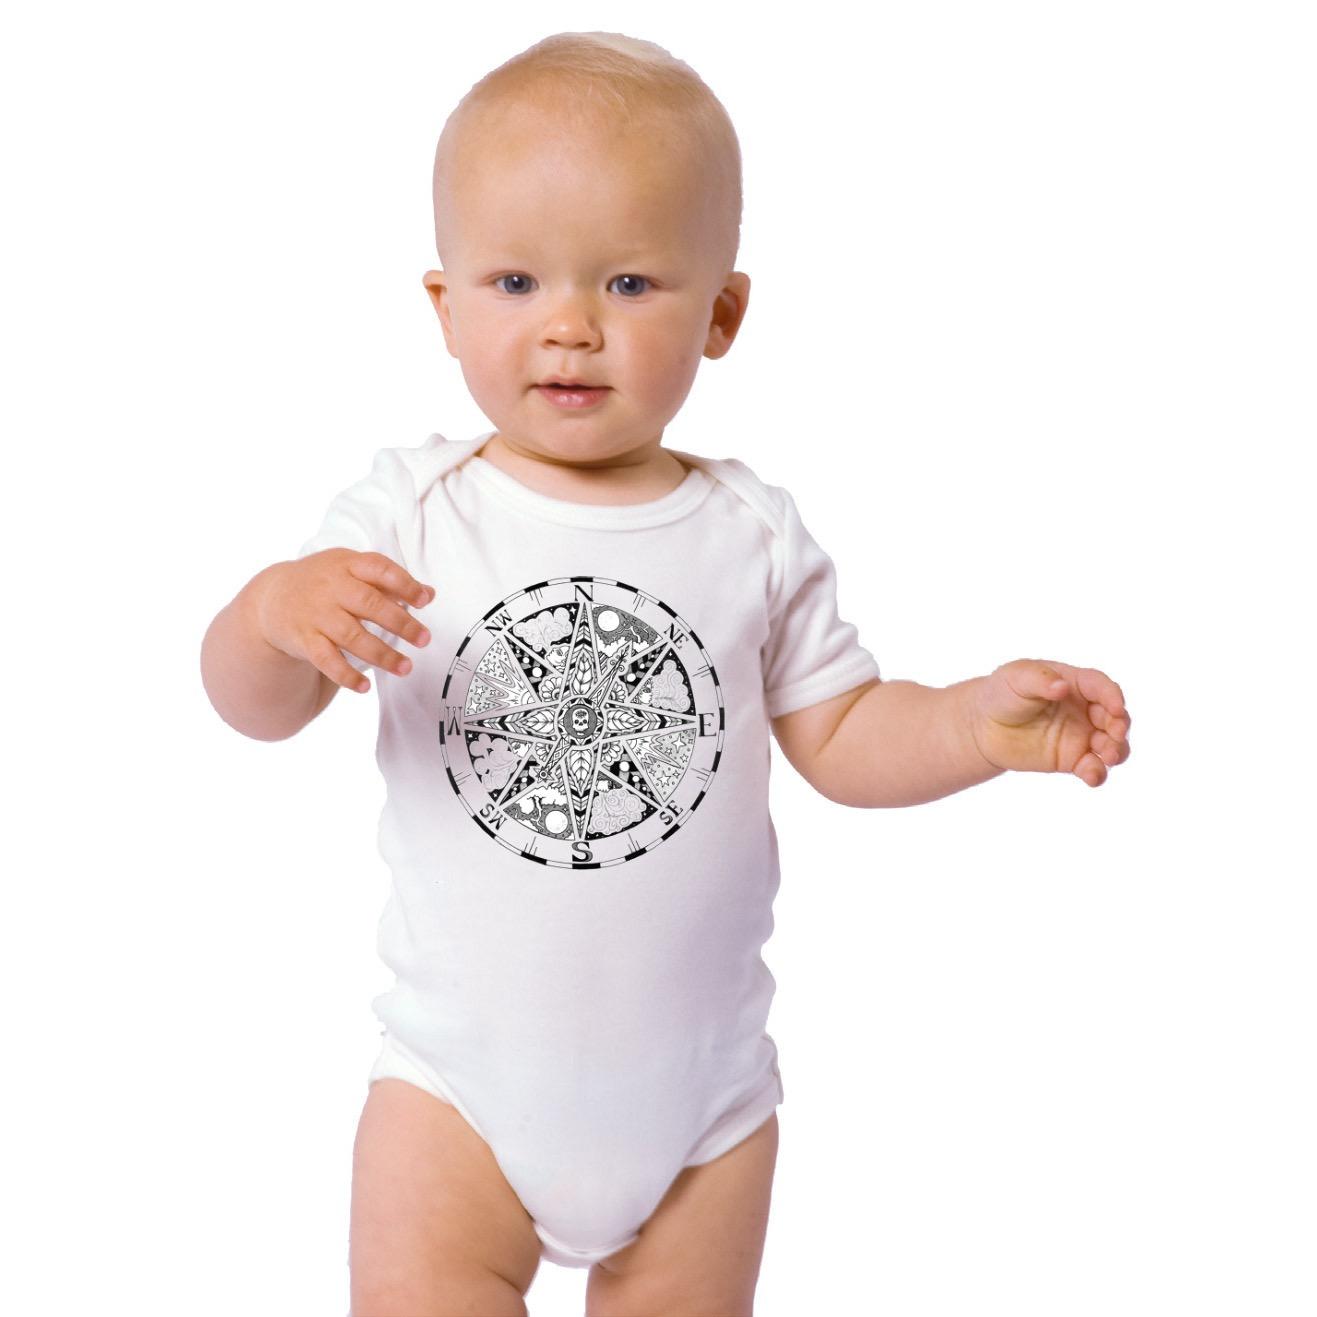 Baby-Onesie copy 11.jpg